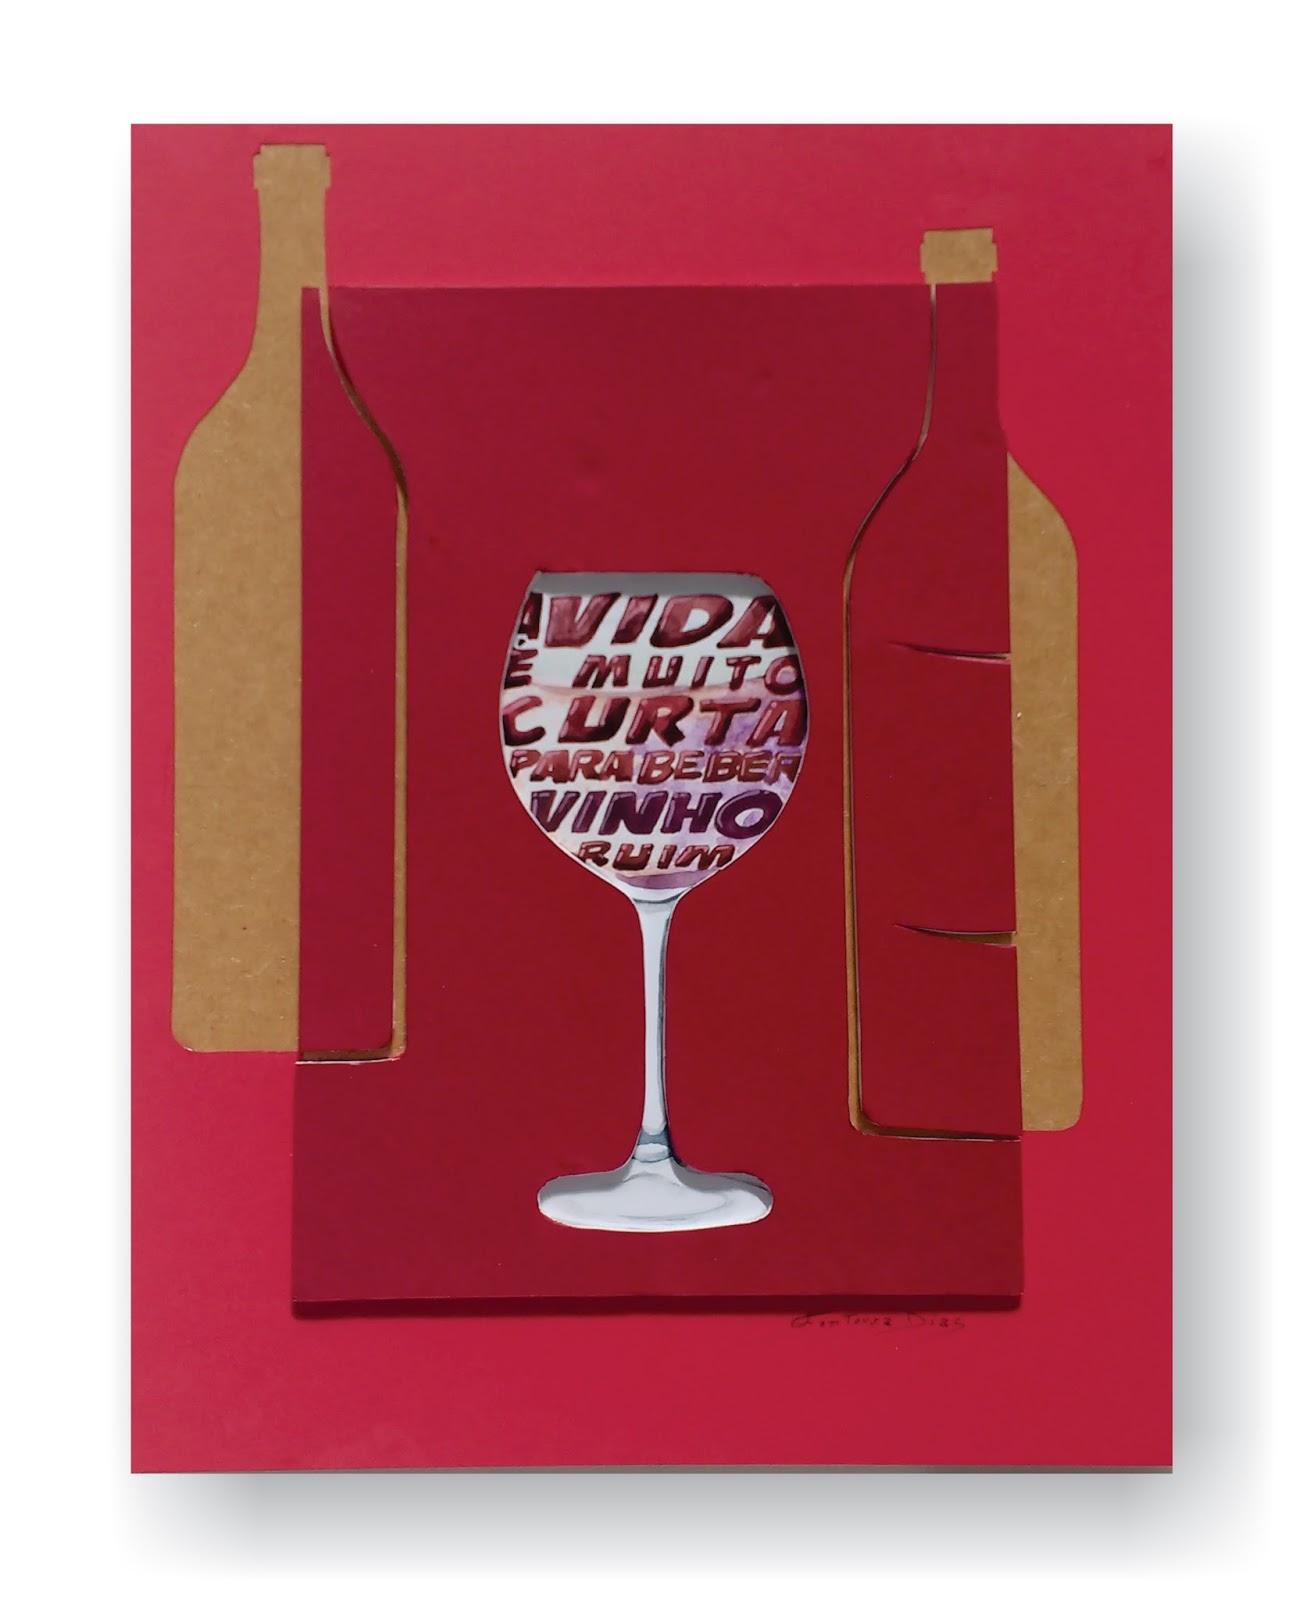 Poster lettering, exclusivo, original e criativo, feito com colagem, usando frase para reflexão, pode ser usado para decoração.